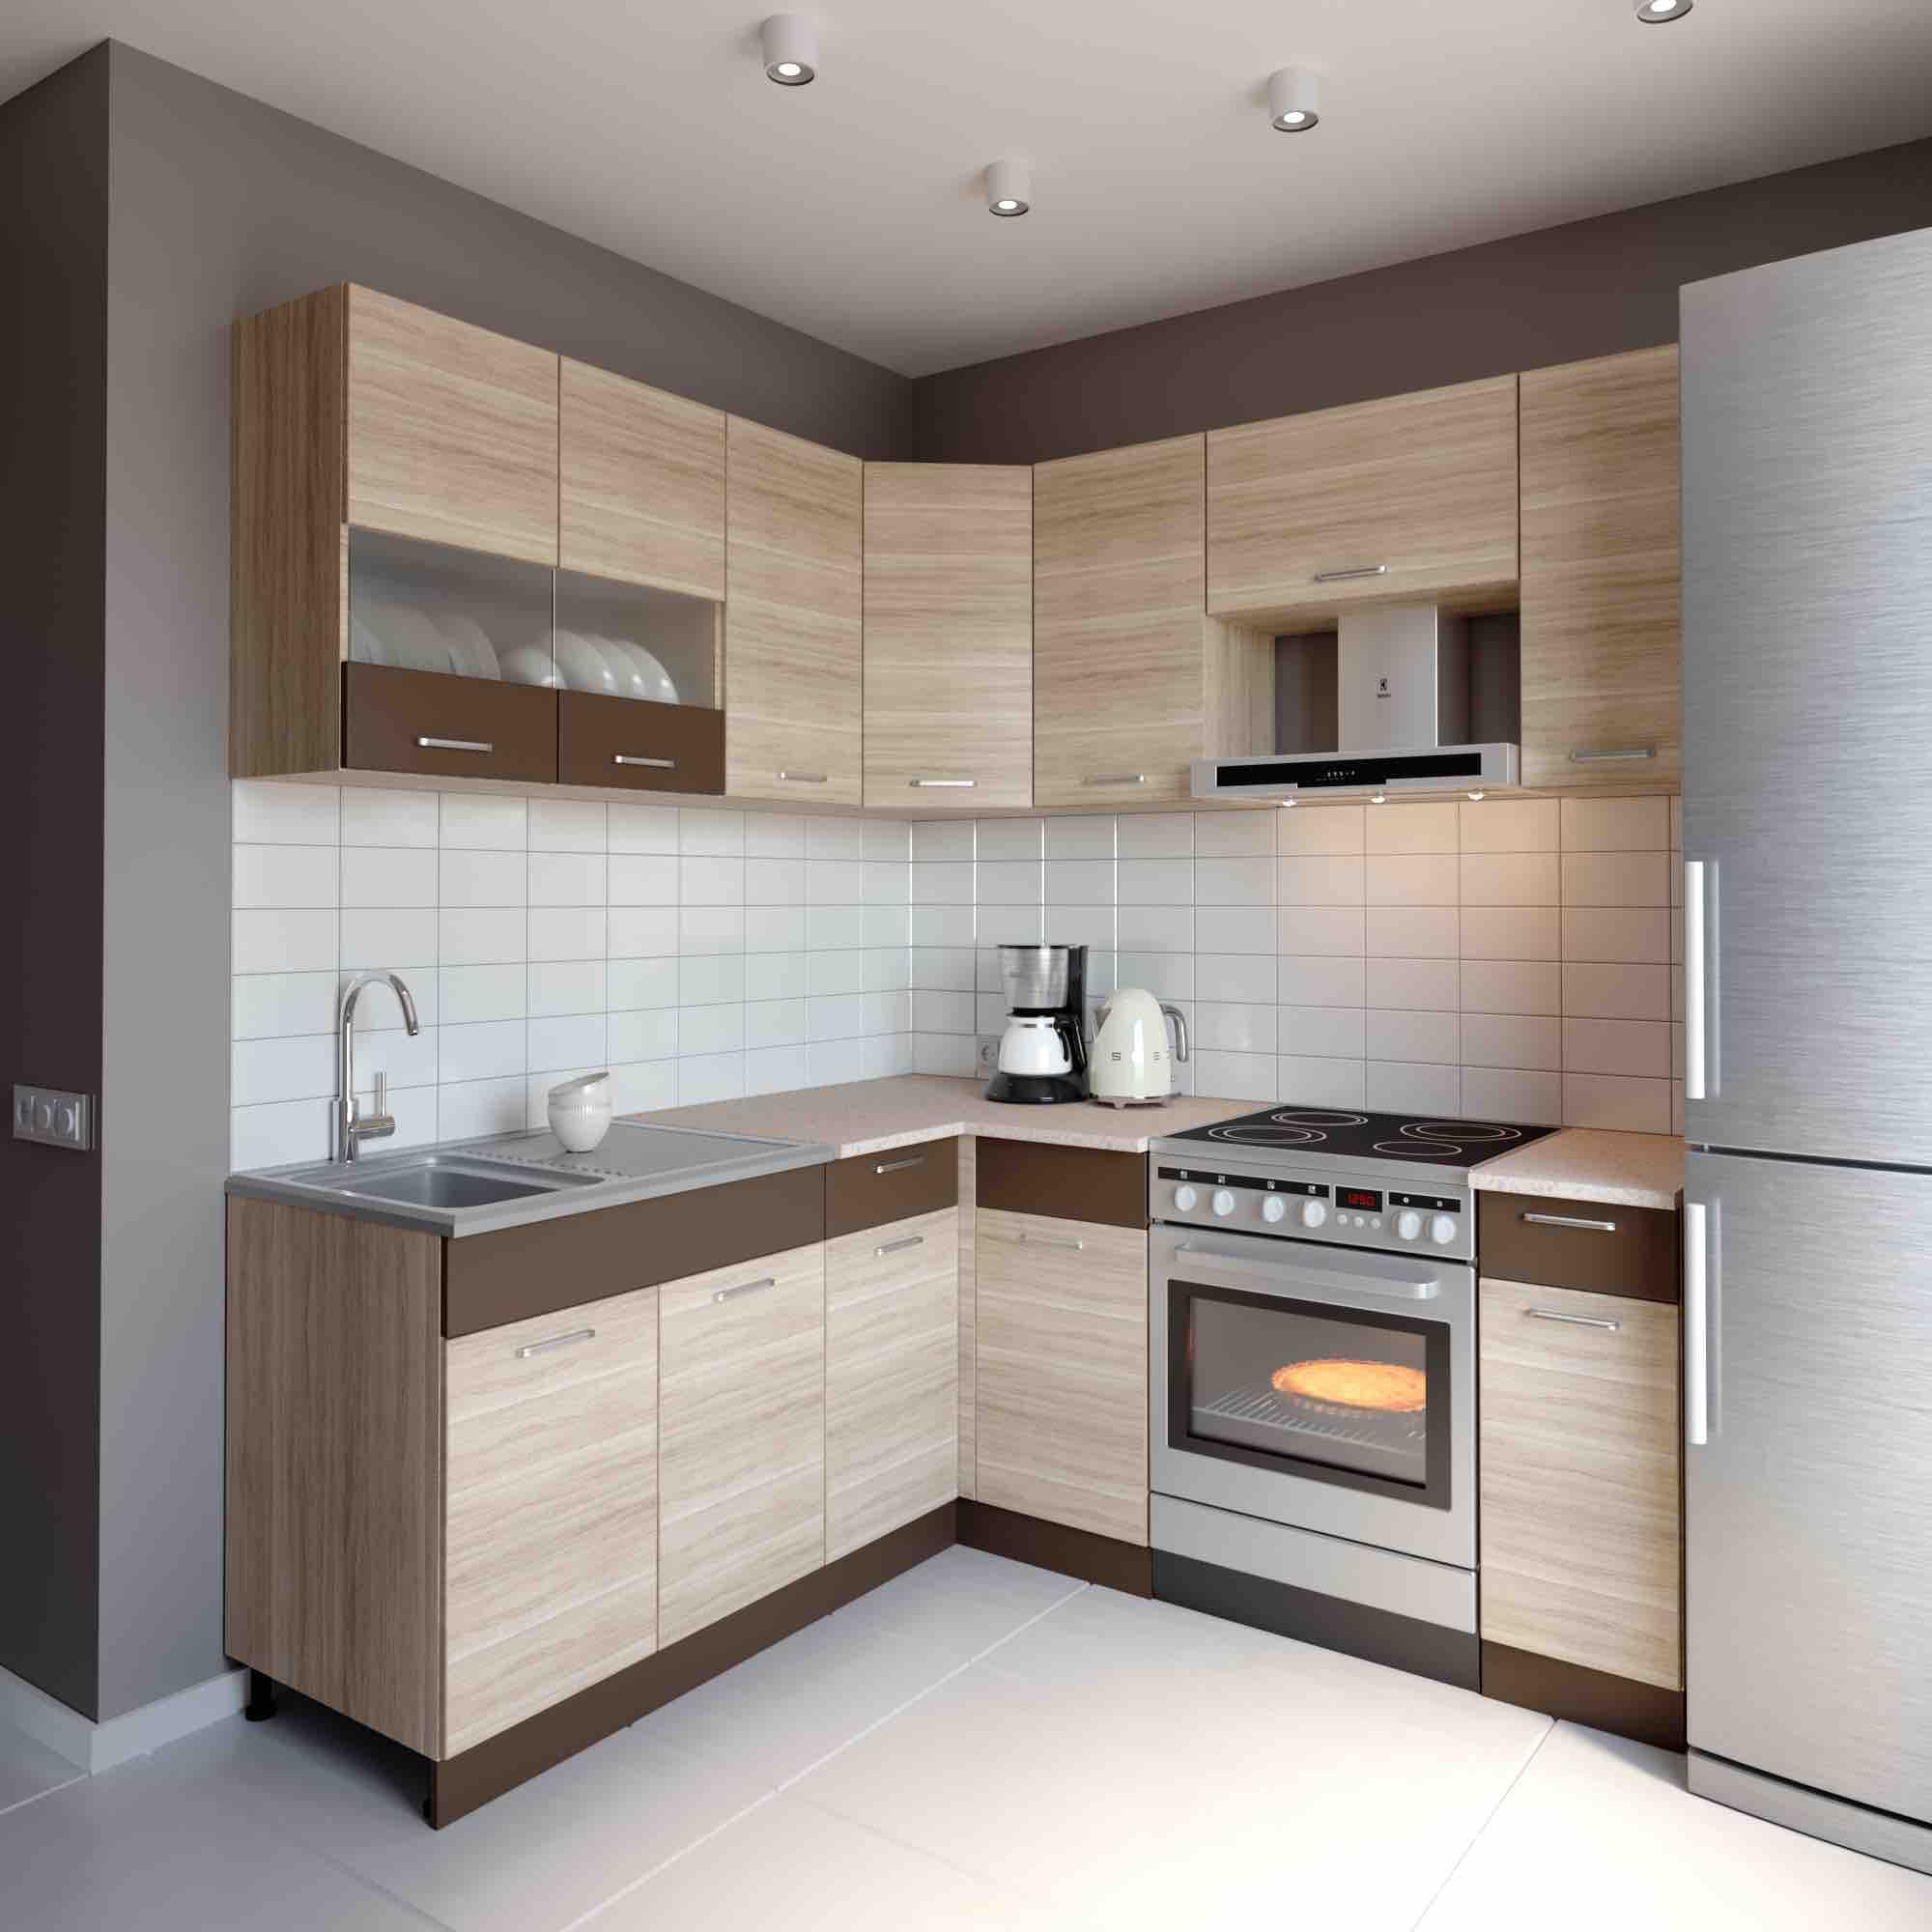 Full Size of Einbauküche L Form Einbauküche L Form Günstig Einbauküche L Form Kaufen Einbauküche L Form Gebraucht Küche Einbauküche L Form